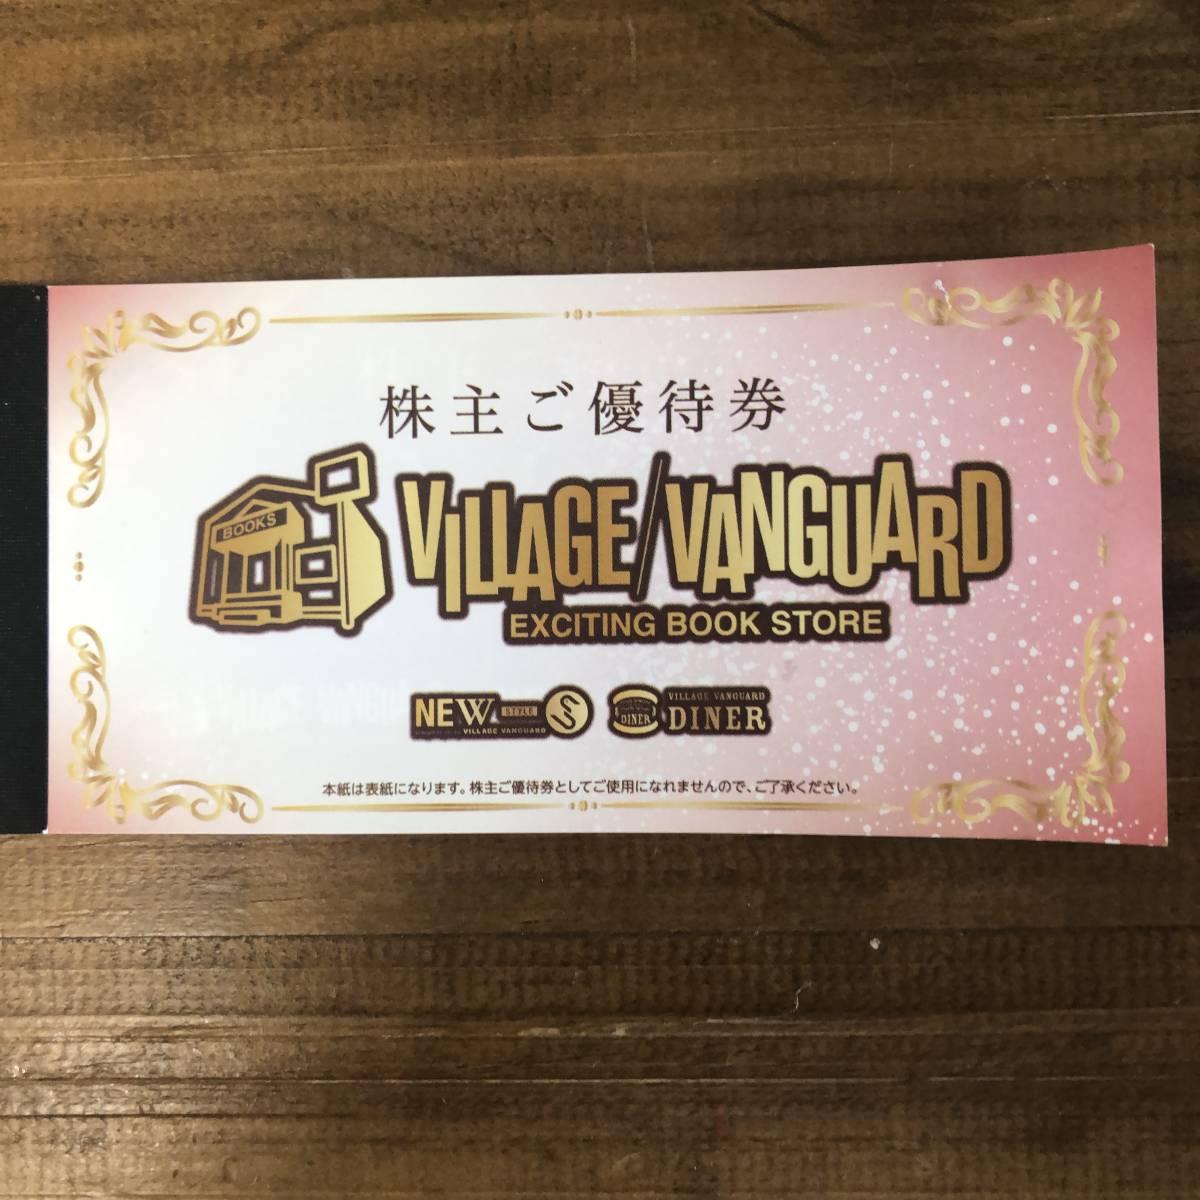 送料無料☆ヴィレッジヴァンガード株主優待券12000円分_画像1